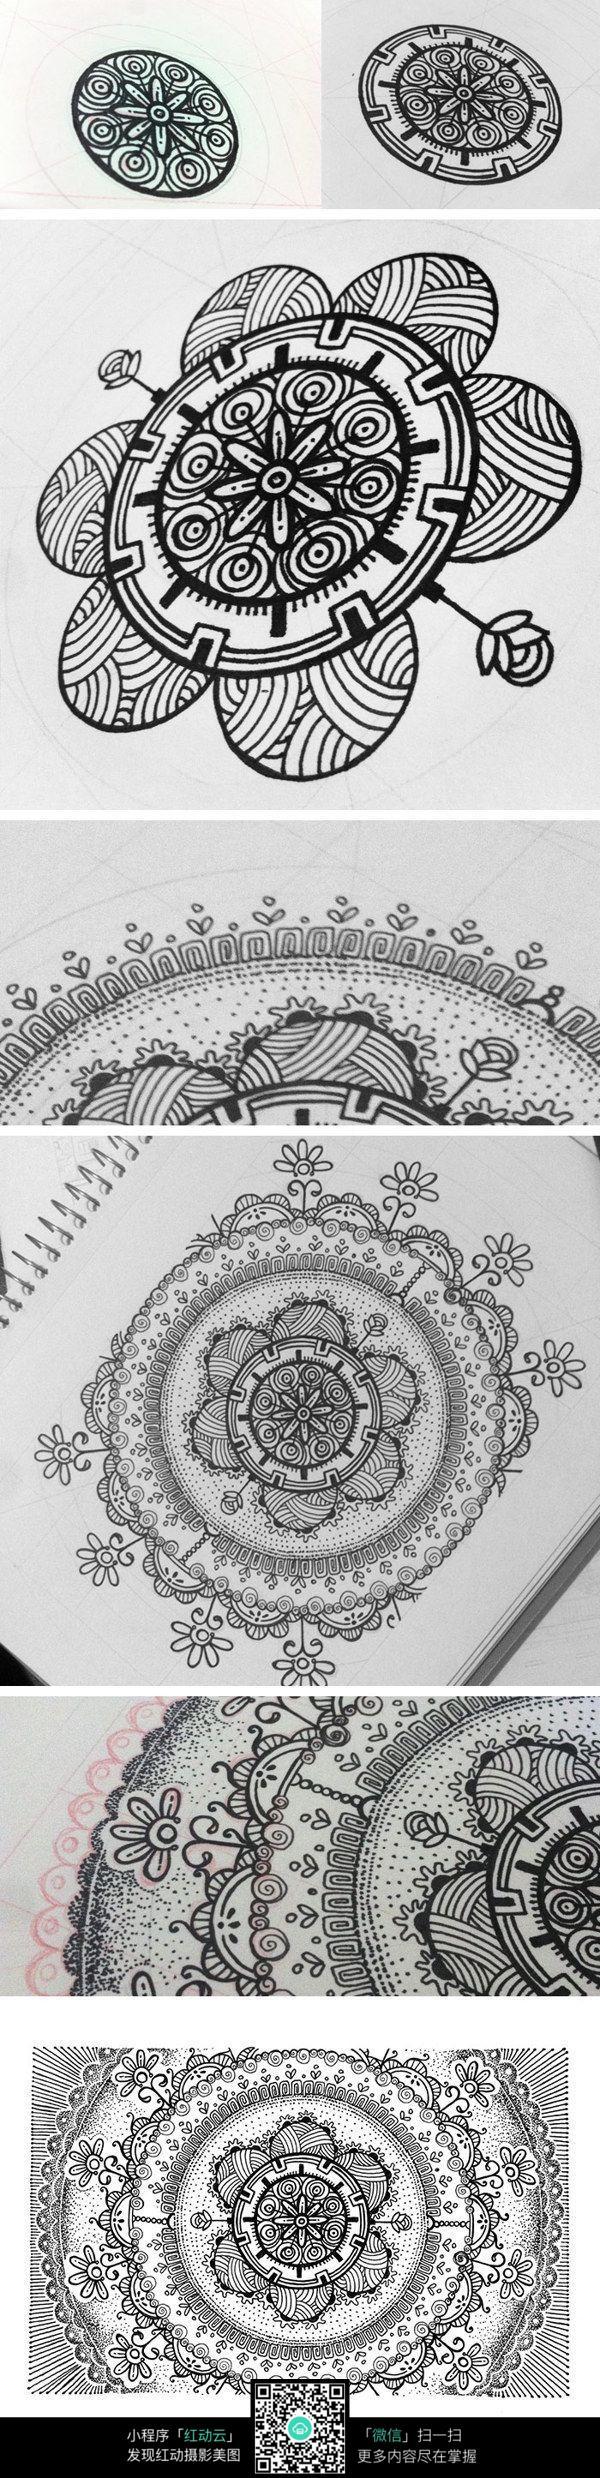 中国风手绘花卉插画